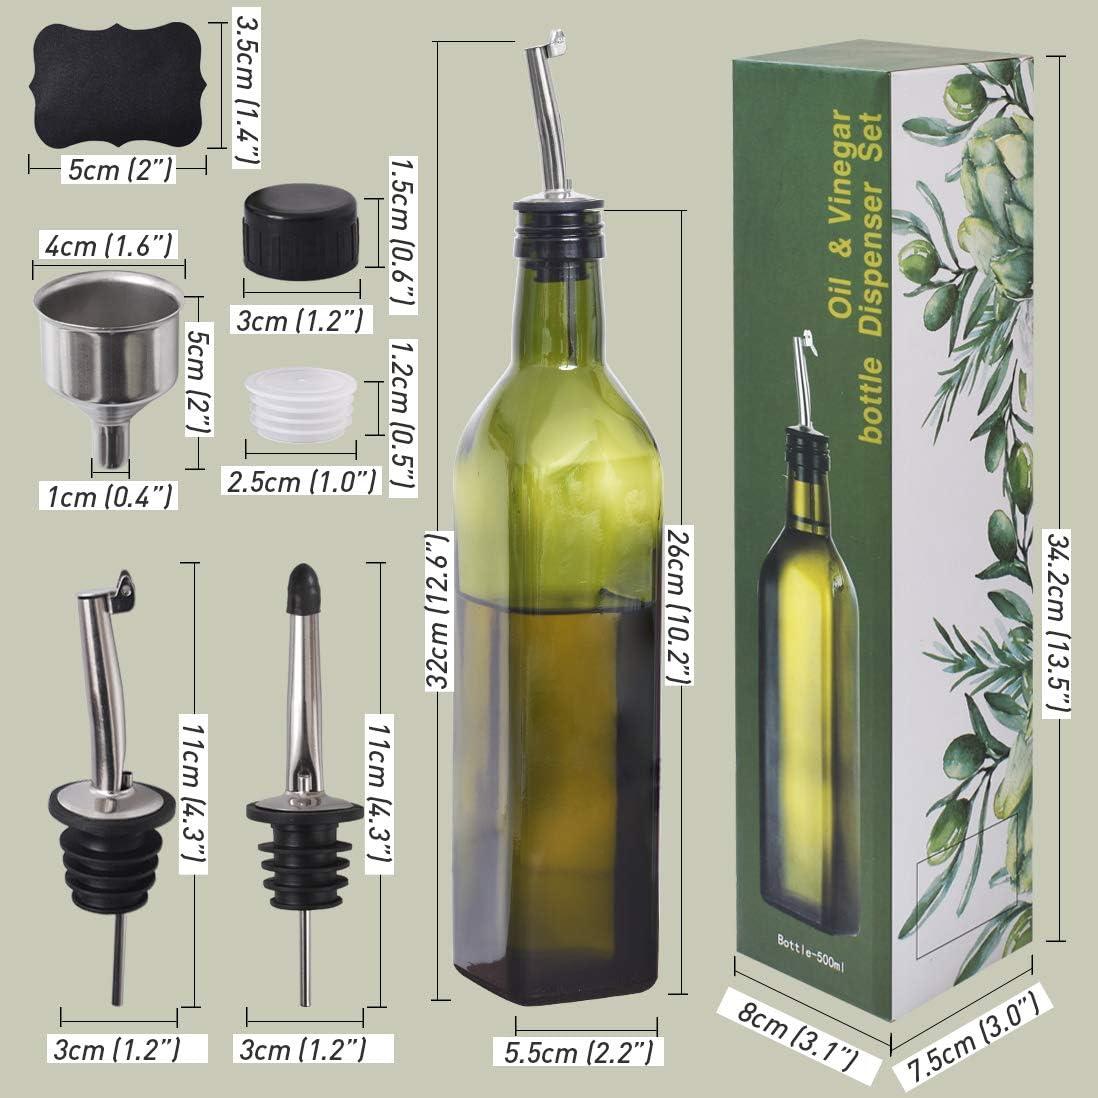 decantador vinagre dispensador de aceite de oliva embudo jarra para cocina verde Newk Botella de aceite de oliva de 500 ml para copas de aceite y vinagre con vertedores